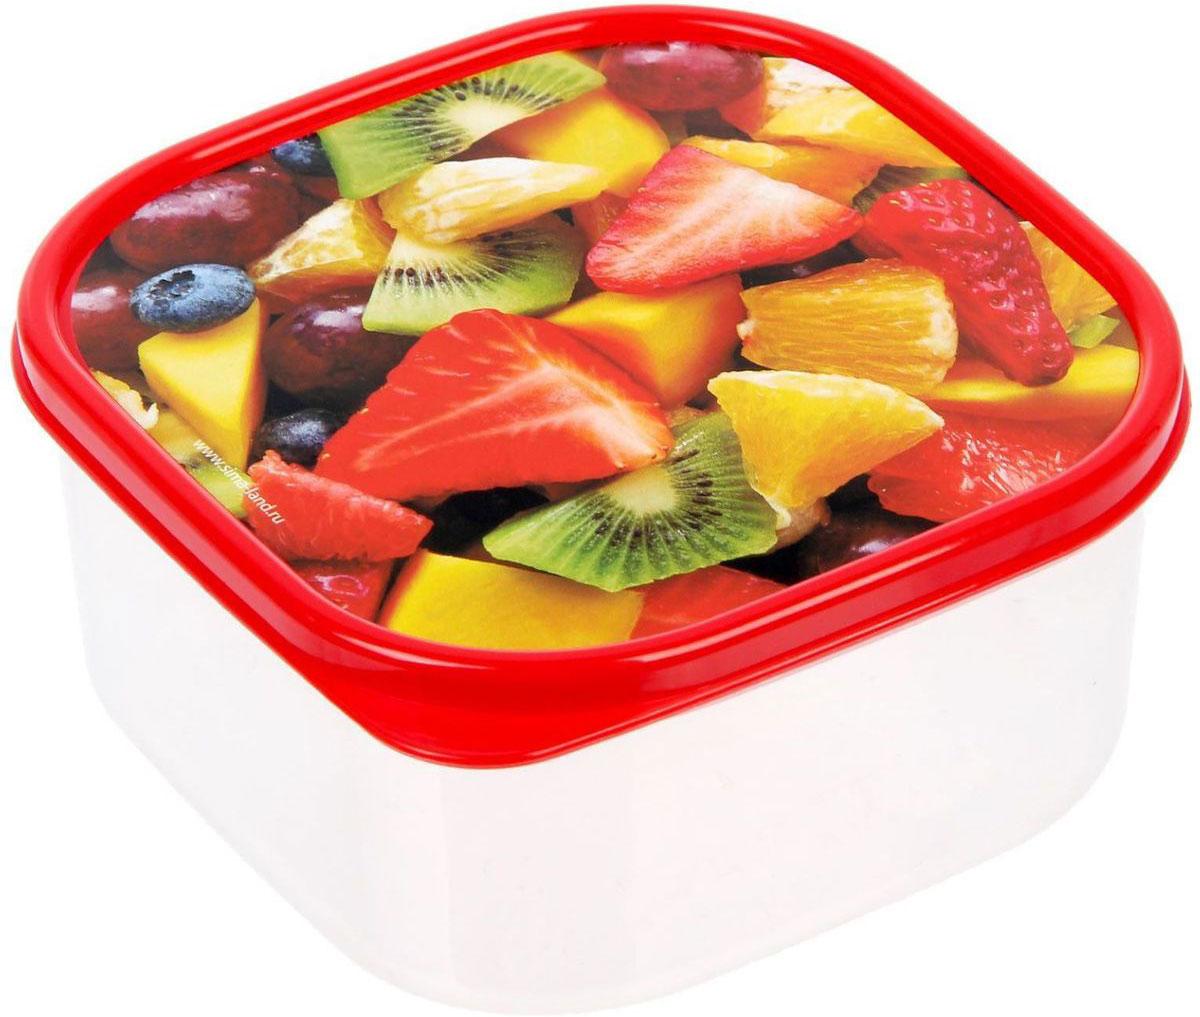 Ланч-бокс Доляна №4, квадратный, 700 млVT-1520(SR)Если после вкусного обеда осталась еда, а насладиться трапезой хочется и на следующий день, ланч-бокс станет отличным решением данной проблемы!Такой контейнер является незаменимым предметом кухонной утвари, ведь у него много преимуществ:Простота ухода. Ланч-бокс достаточно промыть тёплой водой с небольшим количеством чистящего средства, и он снова готов к использованию.Вместительность. Большой выбор форм и объёма поможет разместить разнообразные продукты от сахара до супов.Эргономичность. Ланч-боксы очень легко хранить даже в самой маленькой кухне, так как их можно поставить один в другой по принципу матрёшки.Многофункциональность. Разнообразие цветов и форм делает возможным использование контейнеров не только на кухне, но и в других областях домашнего быта.Любители приготовления обеда на всю семью в большинстве случаев приобретают ланч-боксы наборами, так как это позволяет рассортировать продукты по всевозможным признакам. К тому же контейнеры среднего размера станут незаменимыми помощниками на работе: ведь что может быть приятнее, чем порадовать себя во время обеда прекрасной едой, заботливо сохранённой в контейнере?В качестве материала для изготовления используется пластик, что делает процесс ухода за контейнером ещё более эффективным. К каждому ланч-боксу в комплекте также прилагается крышка подходящего размера, это позволяет плотно и надёжно удерживать запах еды и упрощает процесс транспортировки.Однако рекомендуется соблюдать и меры предосторожности: не использовать пластиковые контейнеры в духовых шкафах и на открытом огне, а также не разогревать в микроволновых печах при закрытой крышке ланч-бокса. Соблюдение мер безопасности позволит продлить срок эксплуатации и сохранить отличный внешний вид изделия.Эргономичный дизайн и многофункциональность таких контейнеров — вот, что является причиной большой популярности данного предмета у каждой хозяйки. А в преддверии лета и дачного сезона такое приобретение позволит